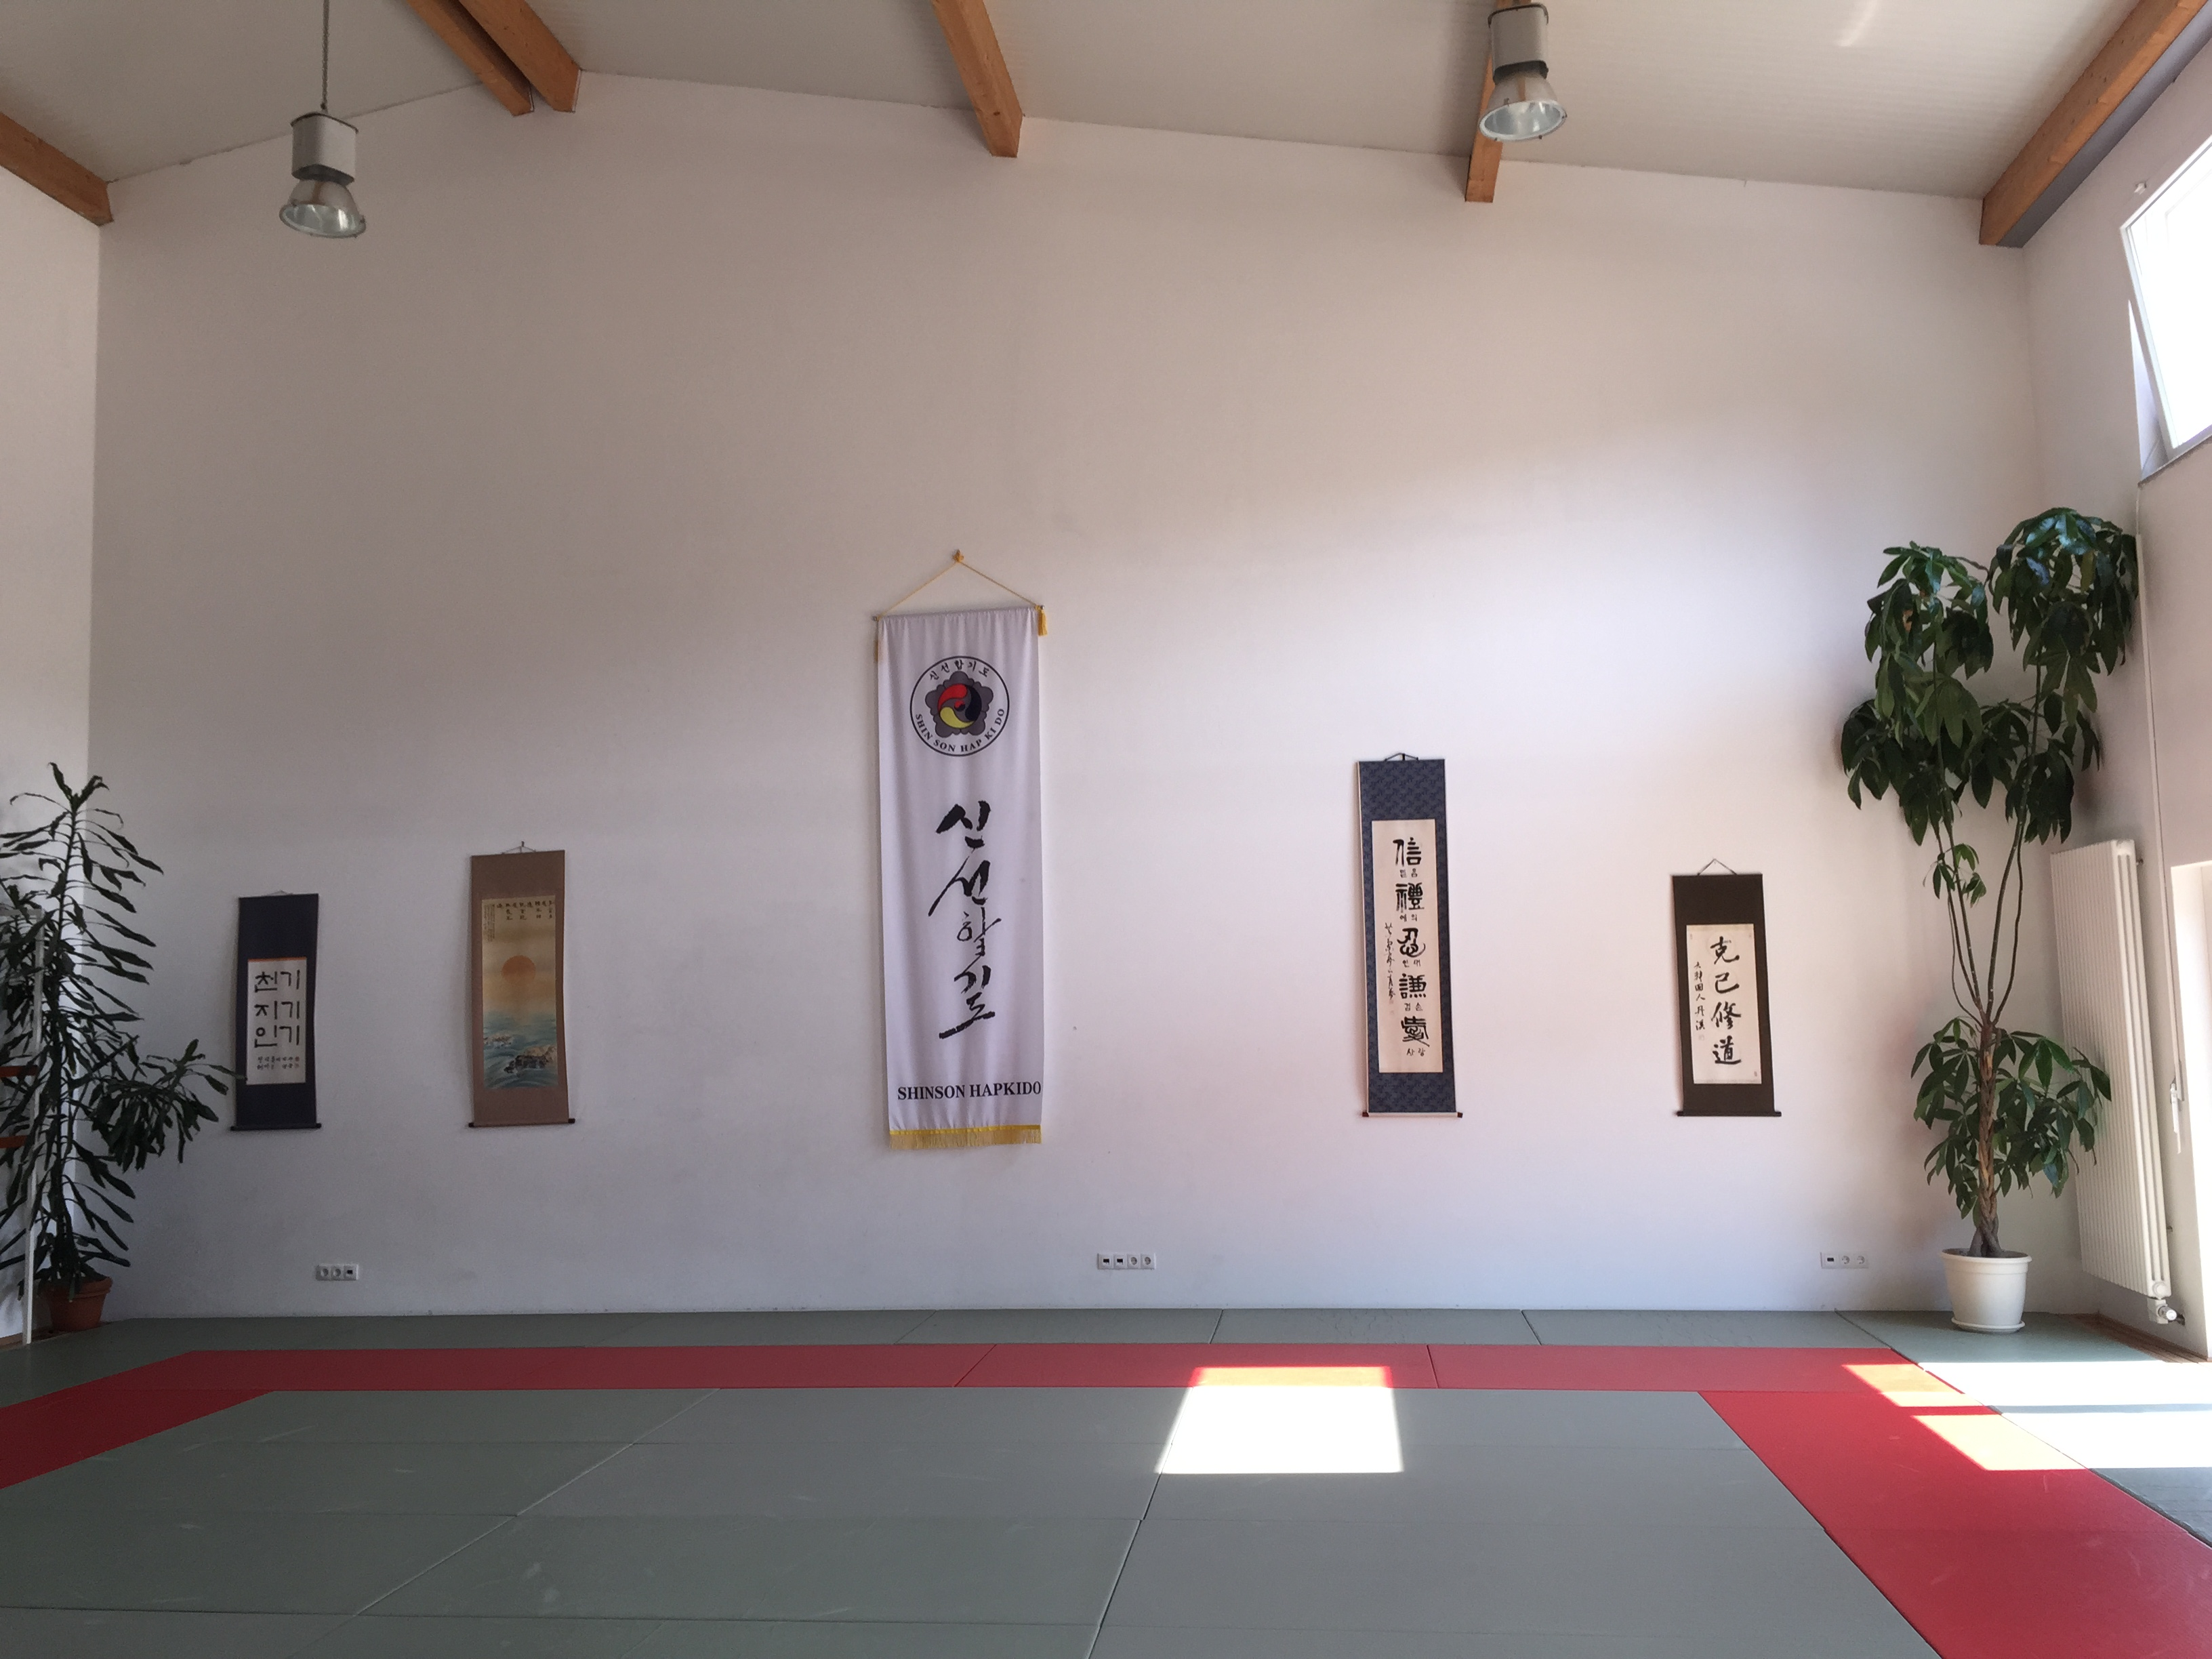 Dojang Trainingsraum